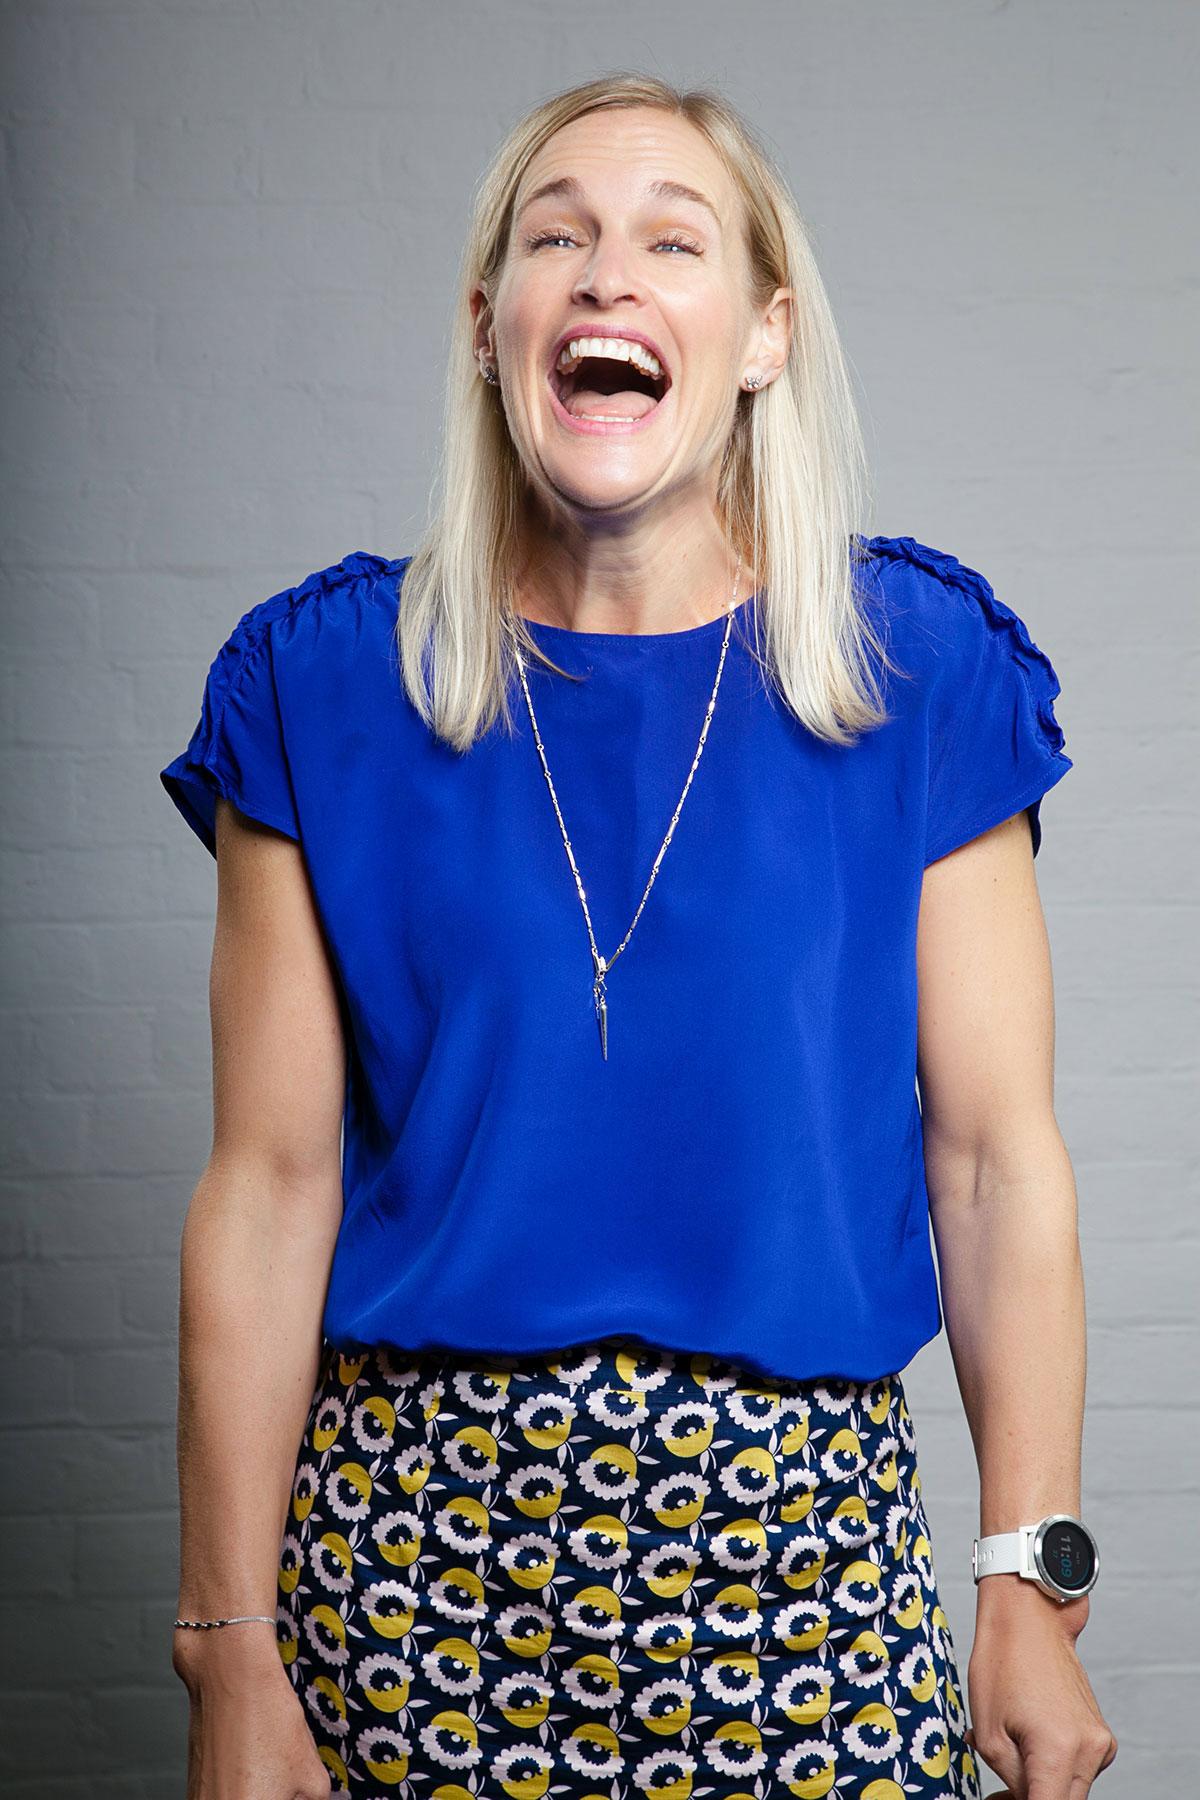 Claire Doré profile image